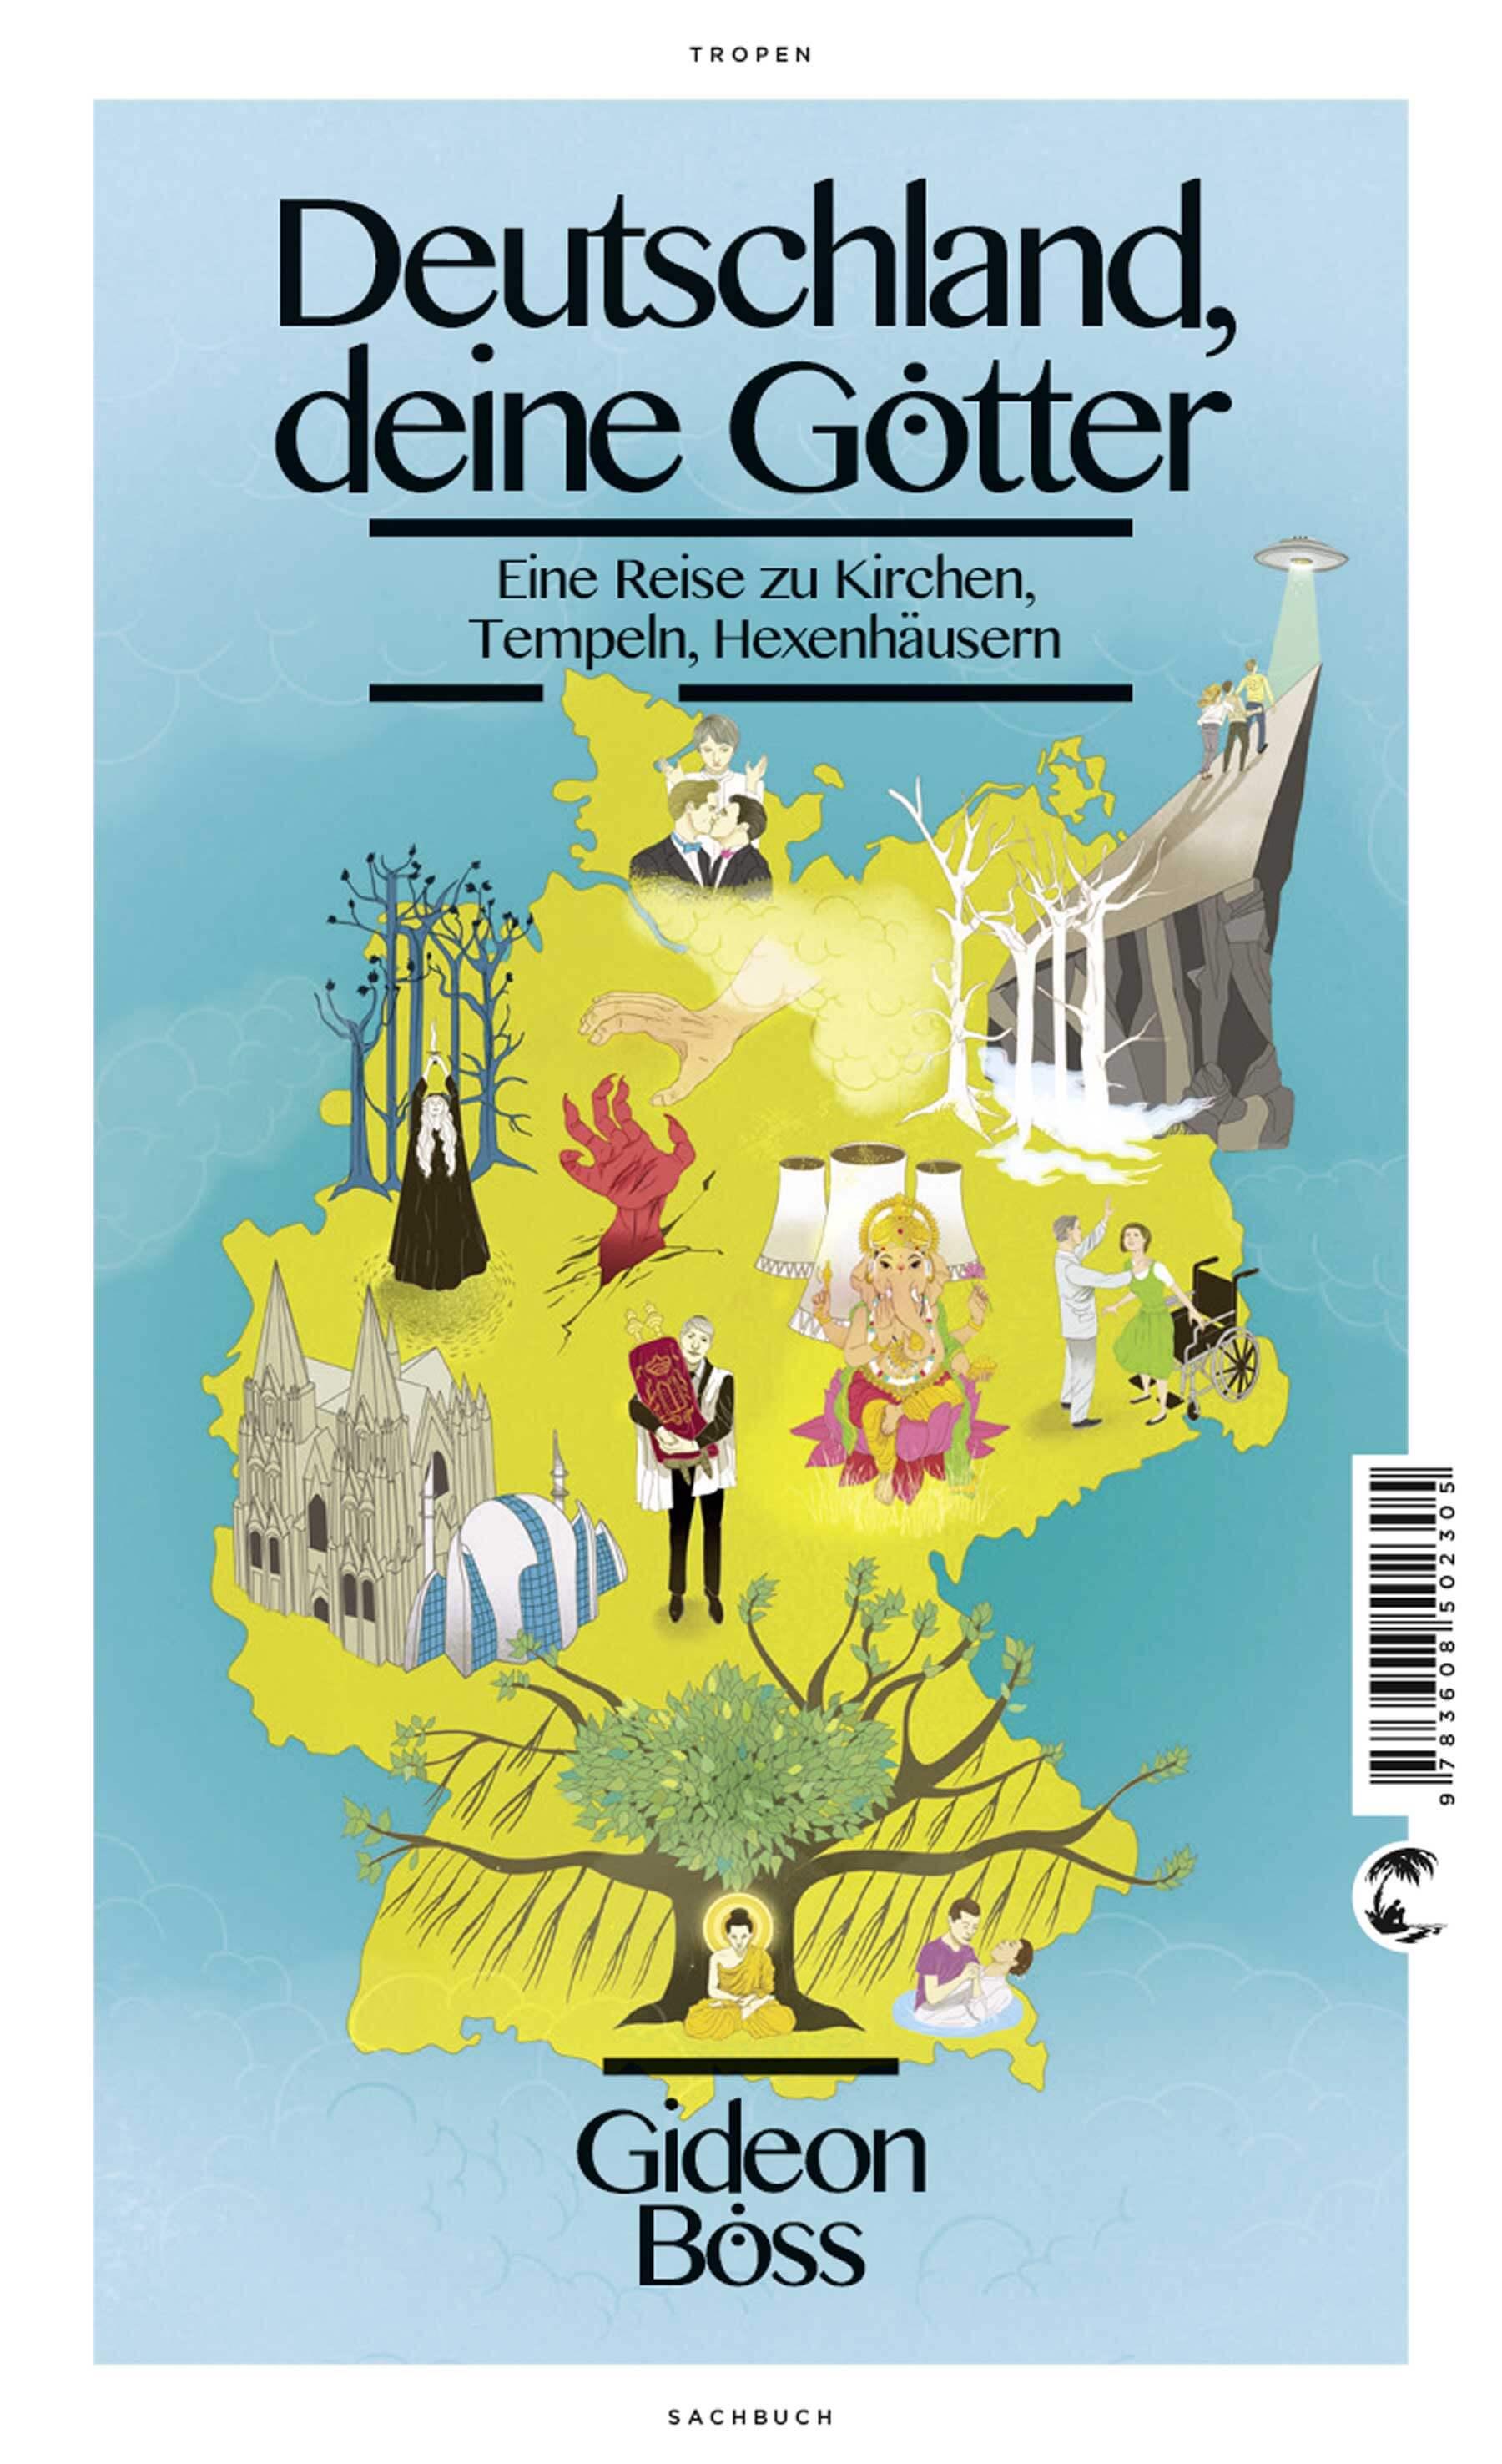 Sachbuch Deutschland deine Götter